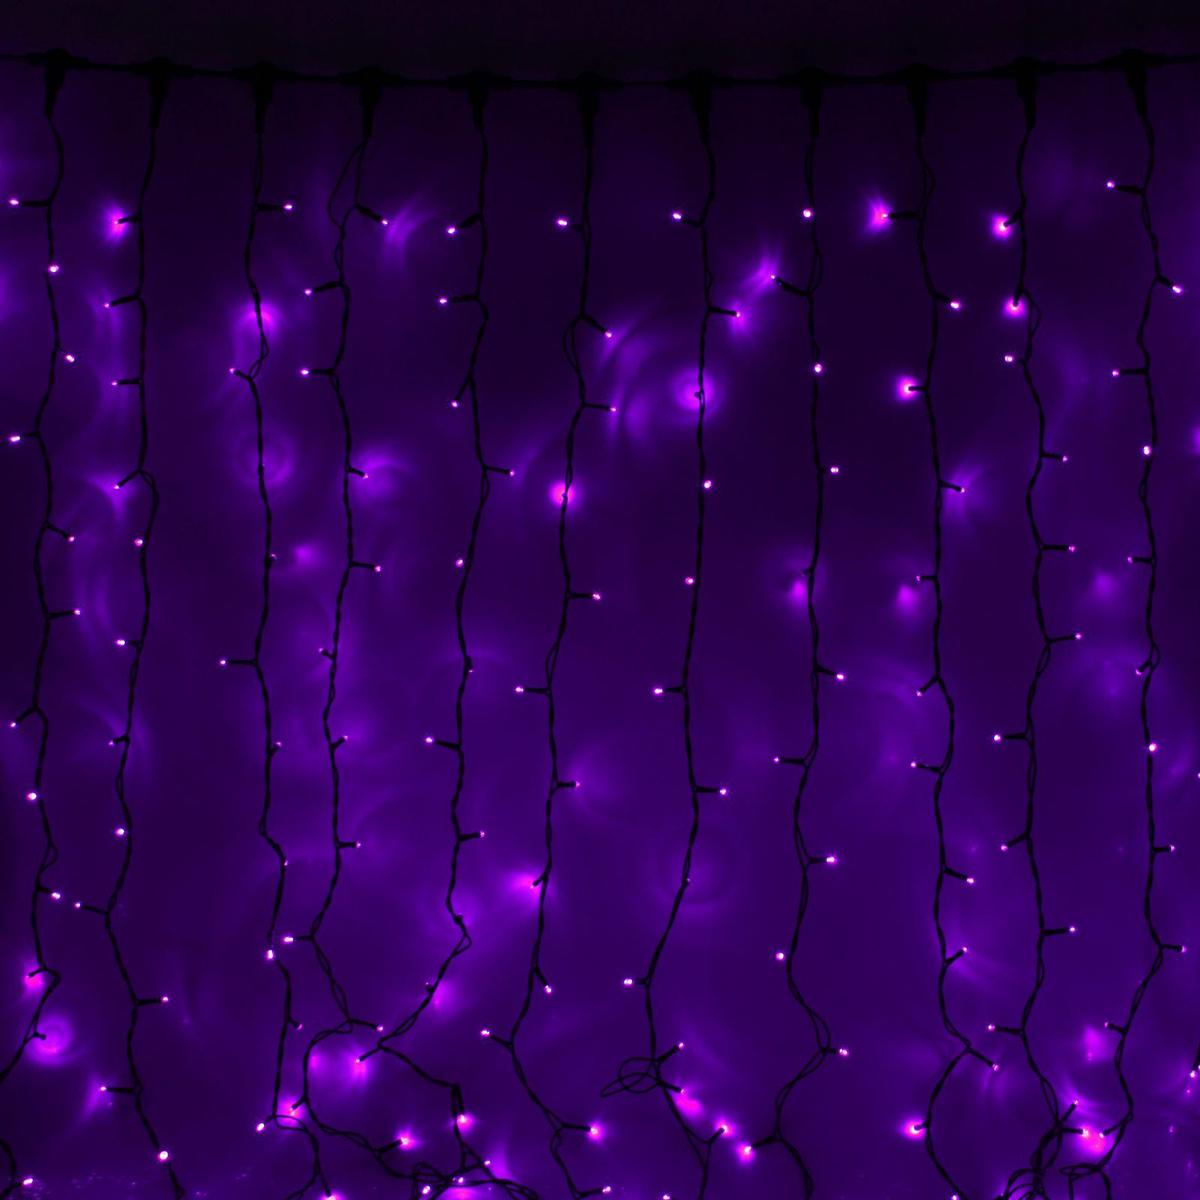 Гирлянда светодиодная Luazon Занавес, цвет: фиолетовый, уличная, 1440 ламп, 220 V, 2 х 6 м. 10802941080294Гирлянда светодиодная Luazon Занавес - это отличный вариант для новогоднего оформления интерьера или фасада. С ее помощью помещение любого размера можно превратить в праздничный зал, а внешние элементы зданий, украшенные гирляндой, мгновенно станут напоминать очертания сказочного дворца. Такое украшение создаст ауру предвкушения чуда. Деревья, фасады, витрины, окна и арки будто специально созданы, чтобы вы украсили их светящимися нитями.